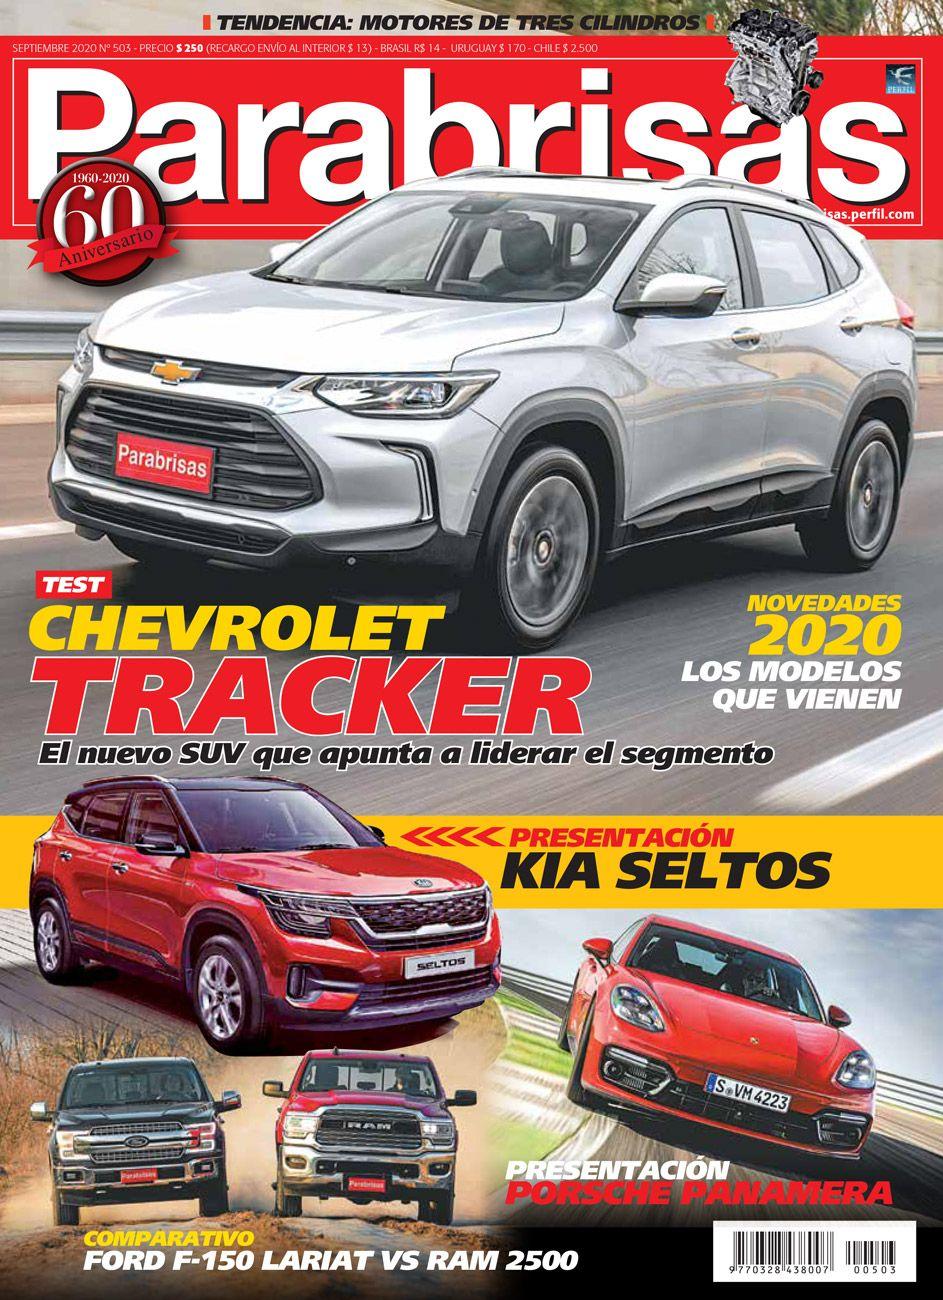 Tapa Revista Parabrisas n° 503 edición Septiembre 2020